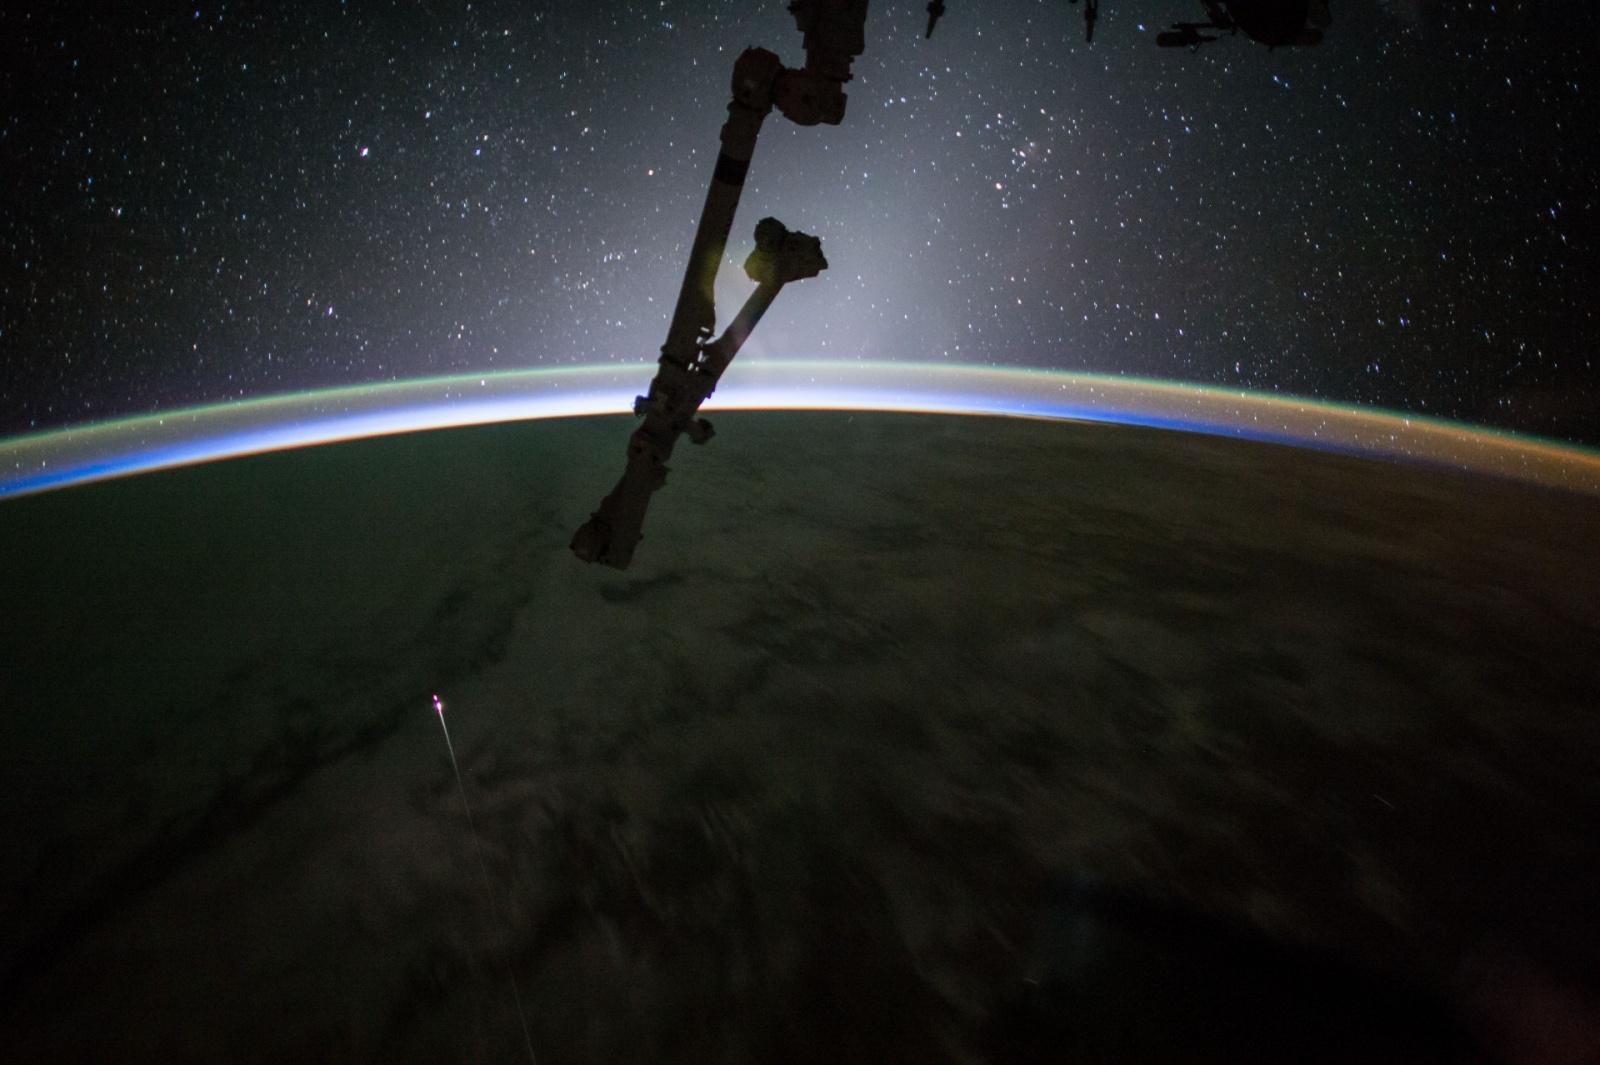 Грузовой корабль Dragon второй раз вернулся на Землю с МКС - 1